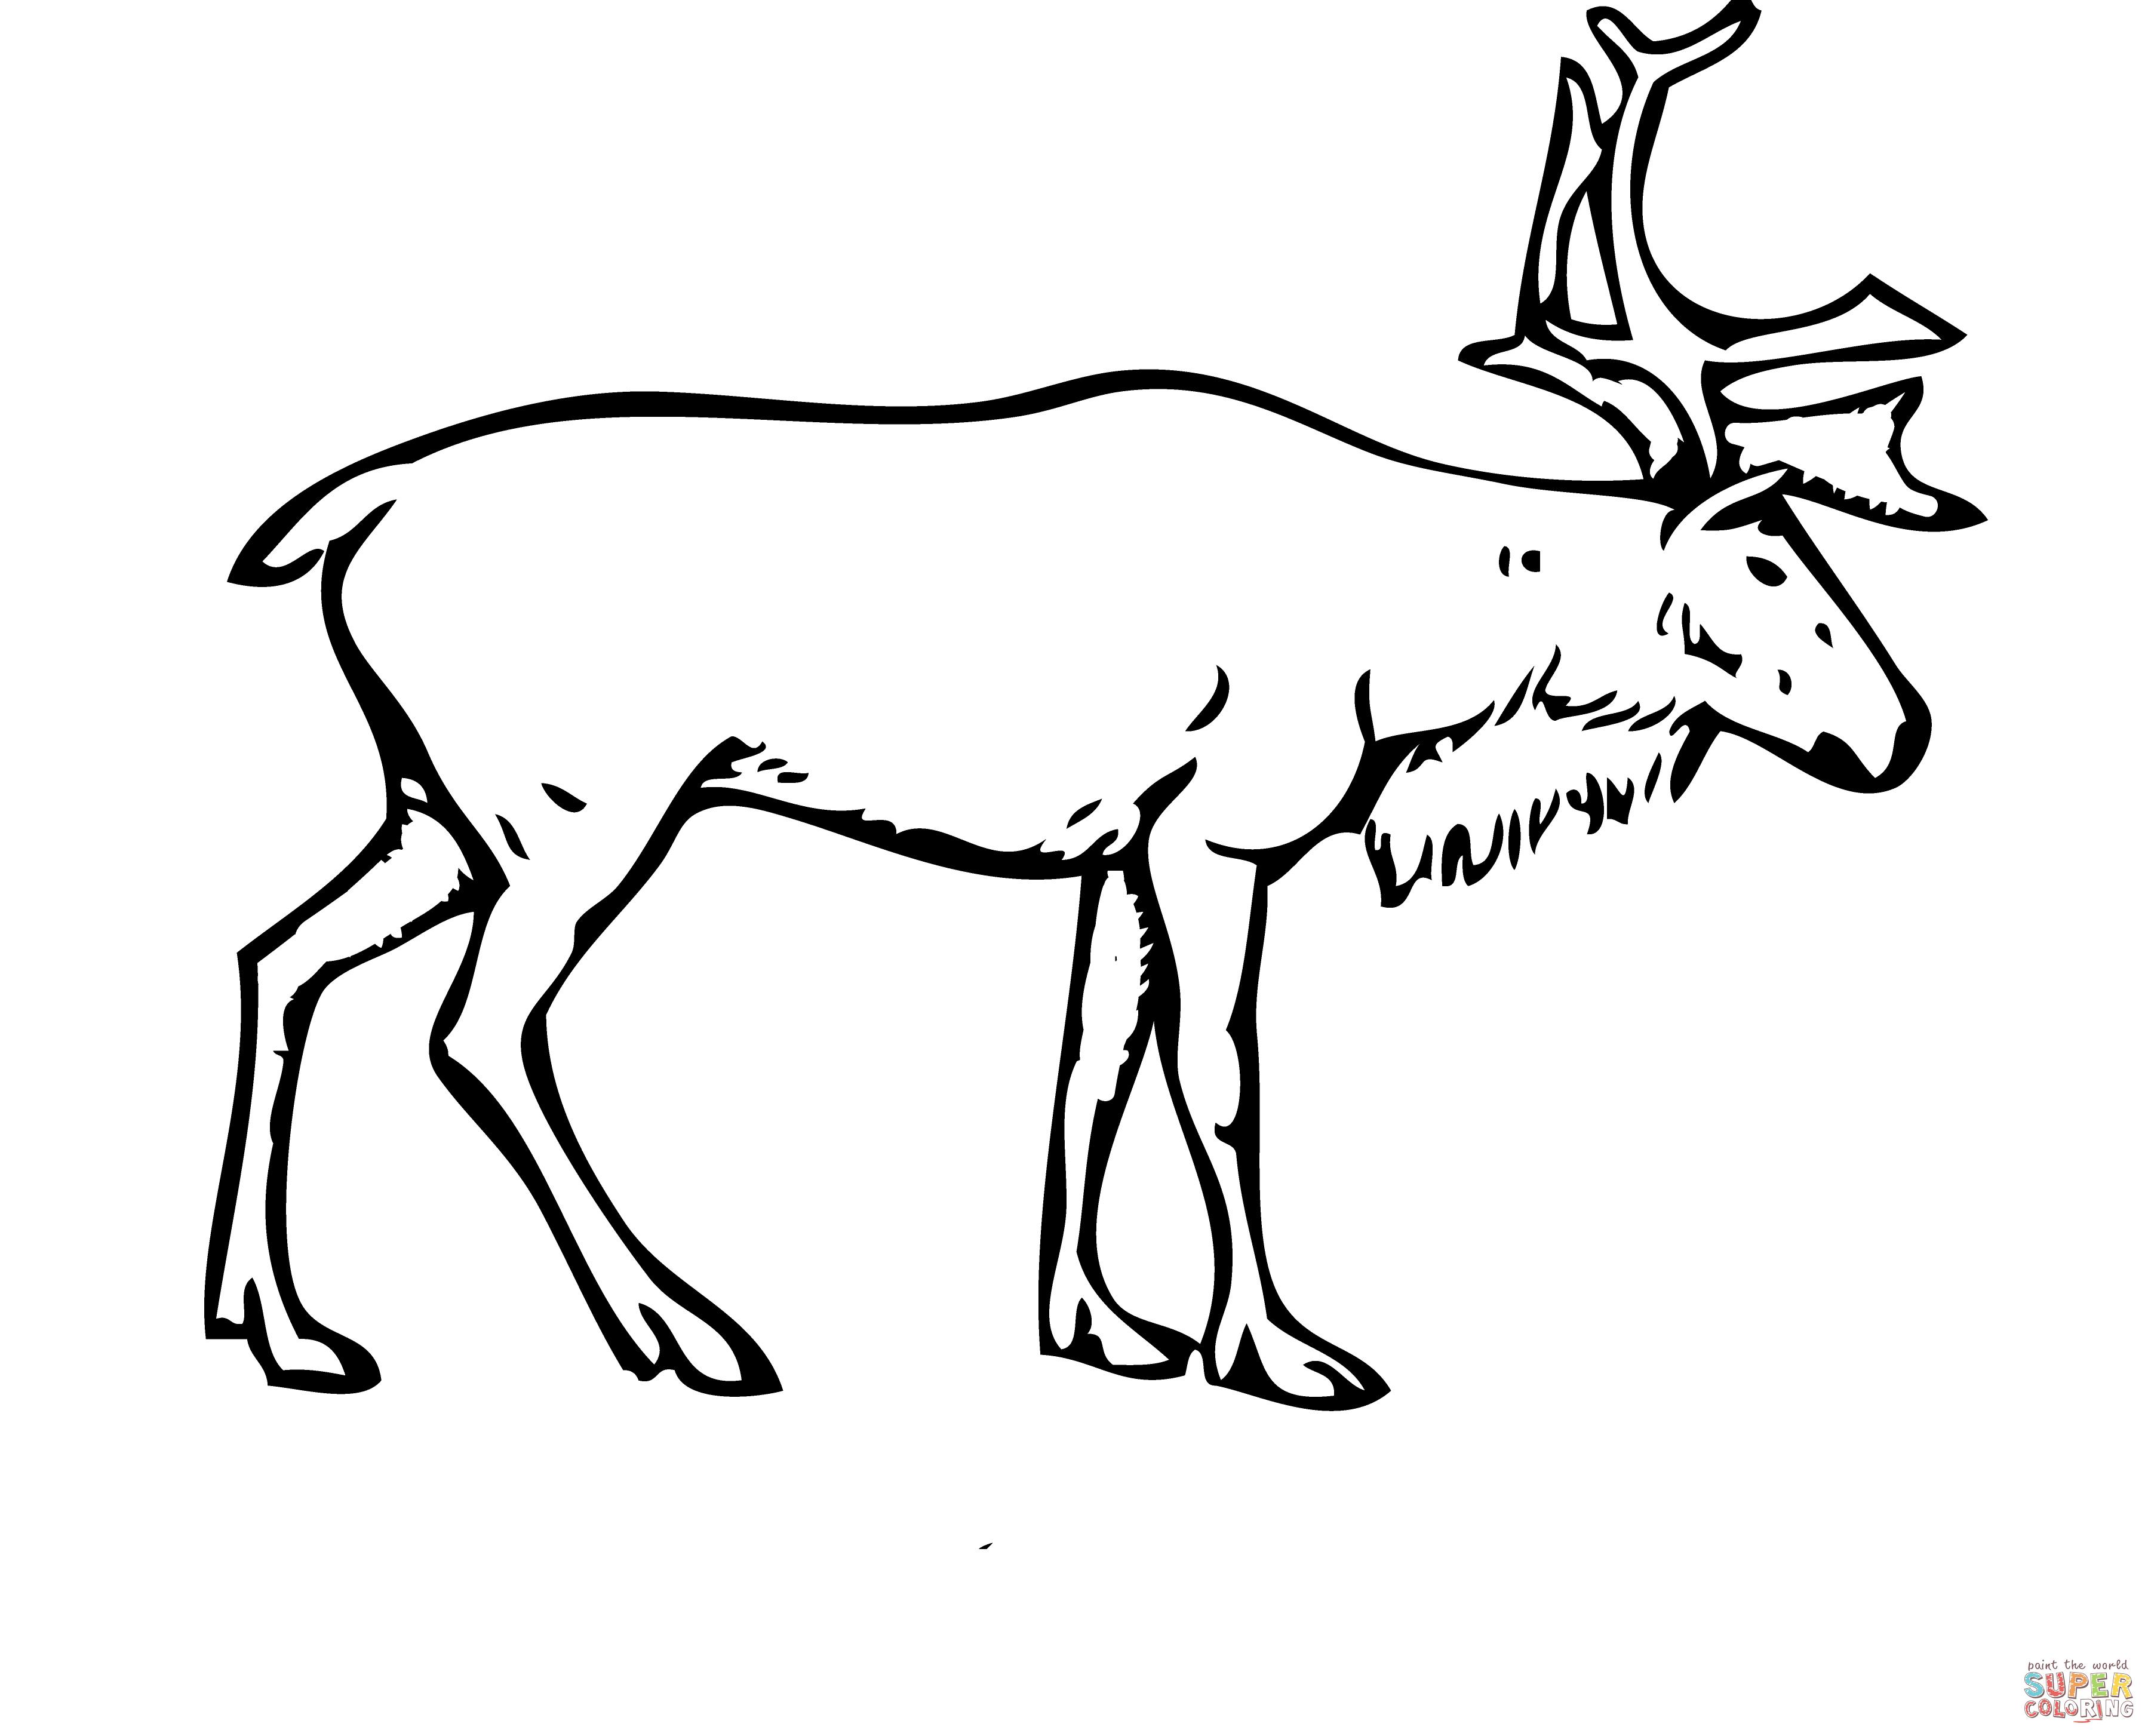 Deer Line Drawing at GetDrawings.com | Free for personal use Deer ...